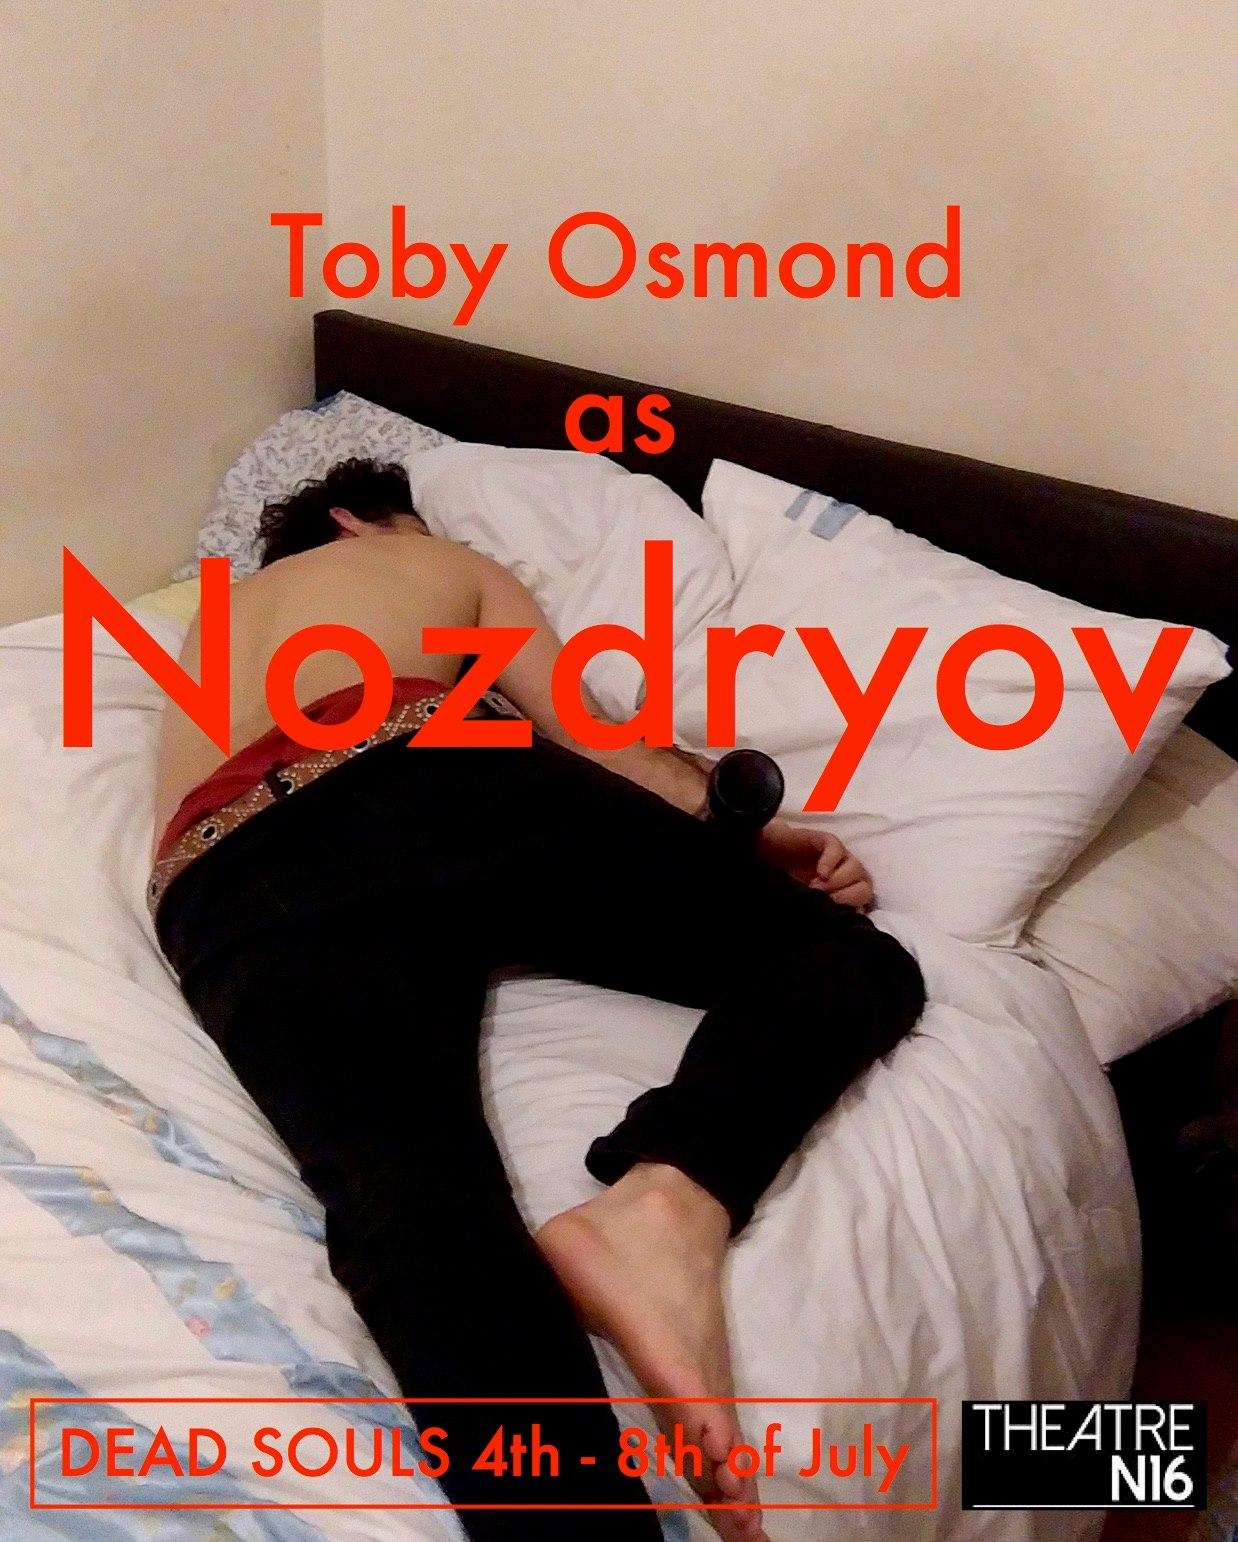 Toby Osmond in Dead Souls